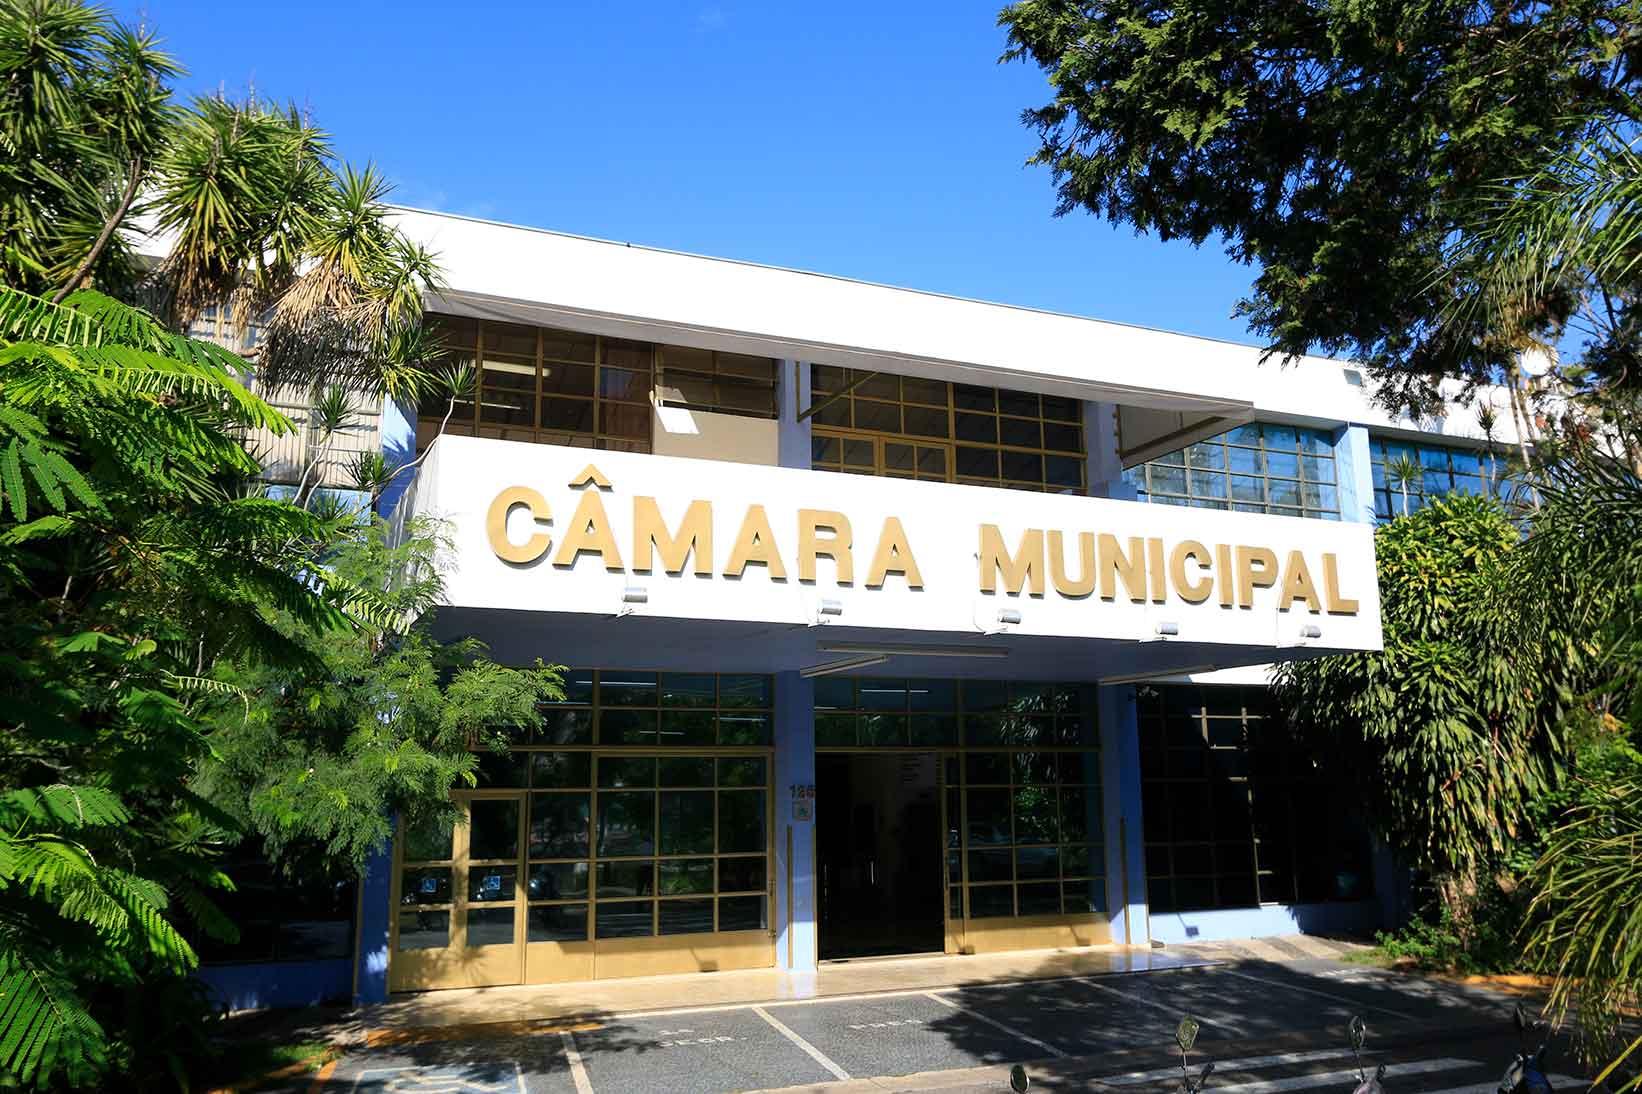 Câmara Municipal de Bragança Paulista-fachada-_mg_2201-bx